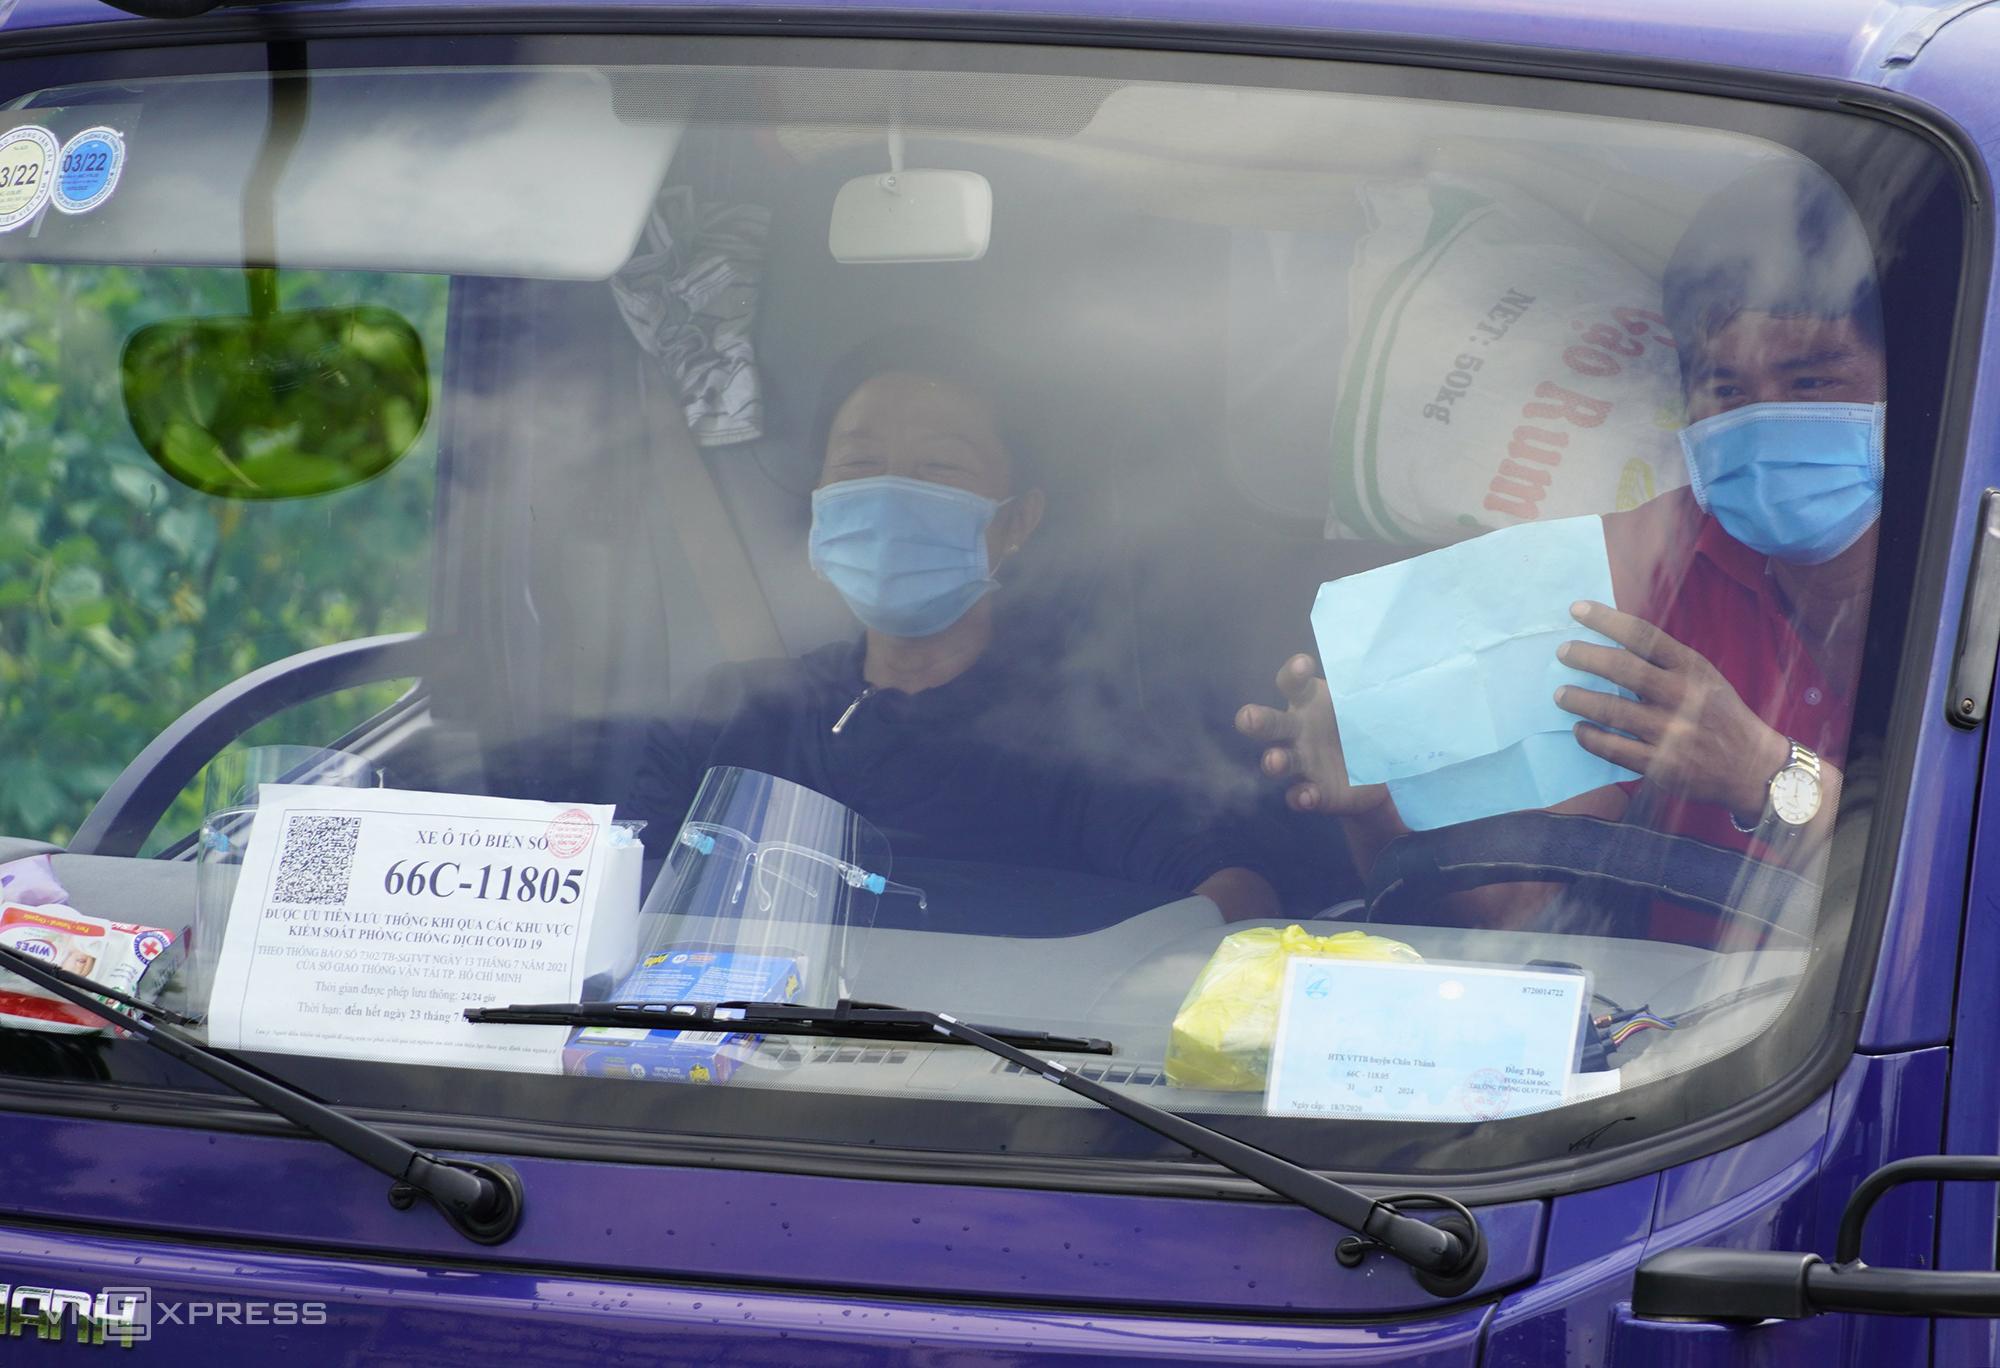 Một xe tải chở hàng có giấy ưu tiên được dán ở kính lái tại chốt quốc lộ 1, xã Tân Hương, huyện Châu Thành, tỉnh Tiền Giang. Ảnh: Hoàng Nam